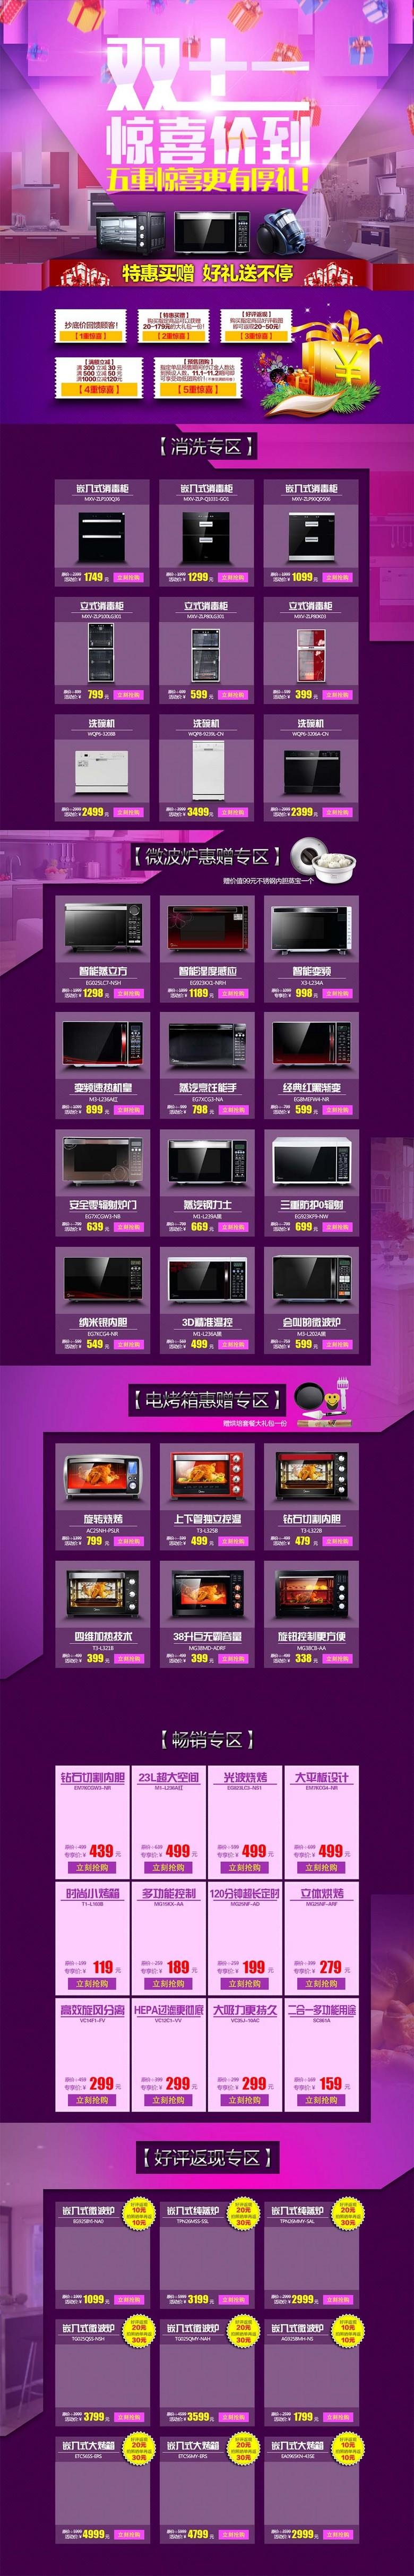 淘宝天猫京东双11店铺首页装修设计模板图片